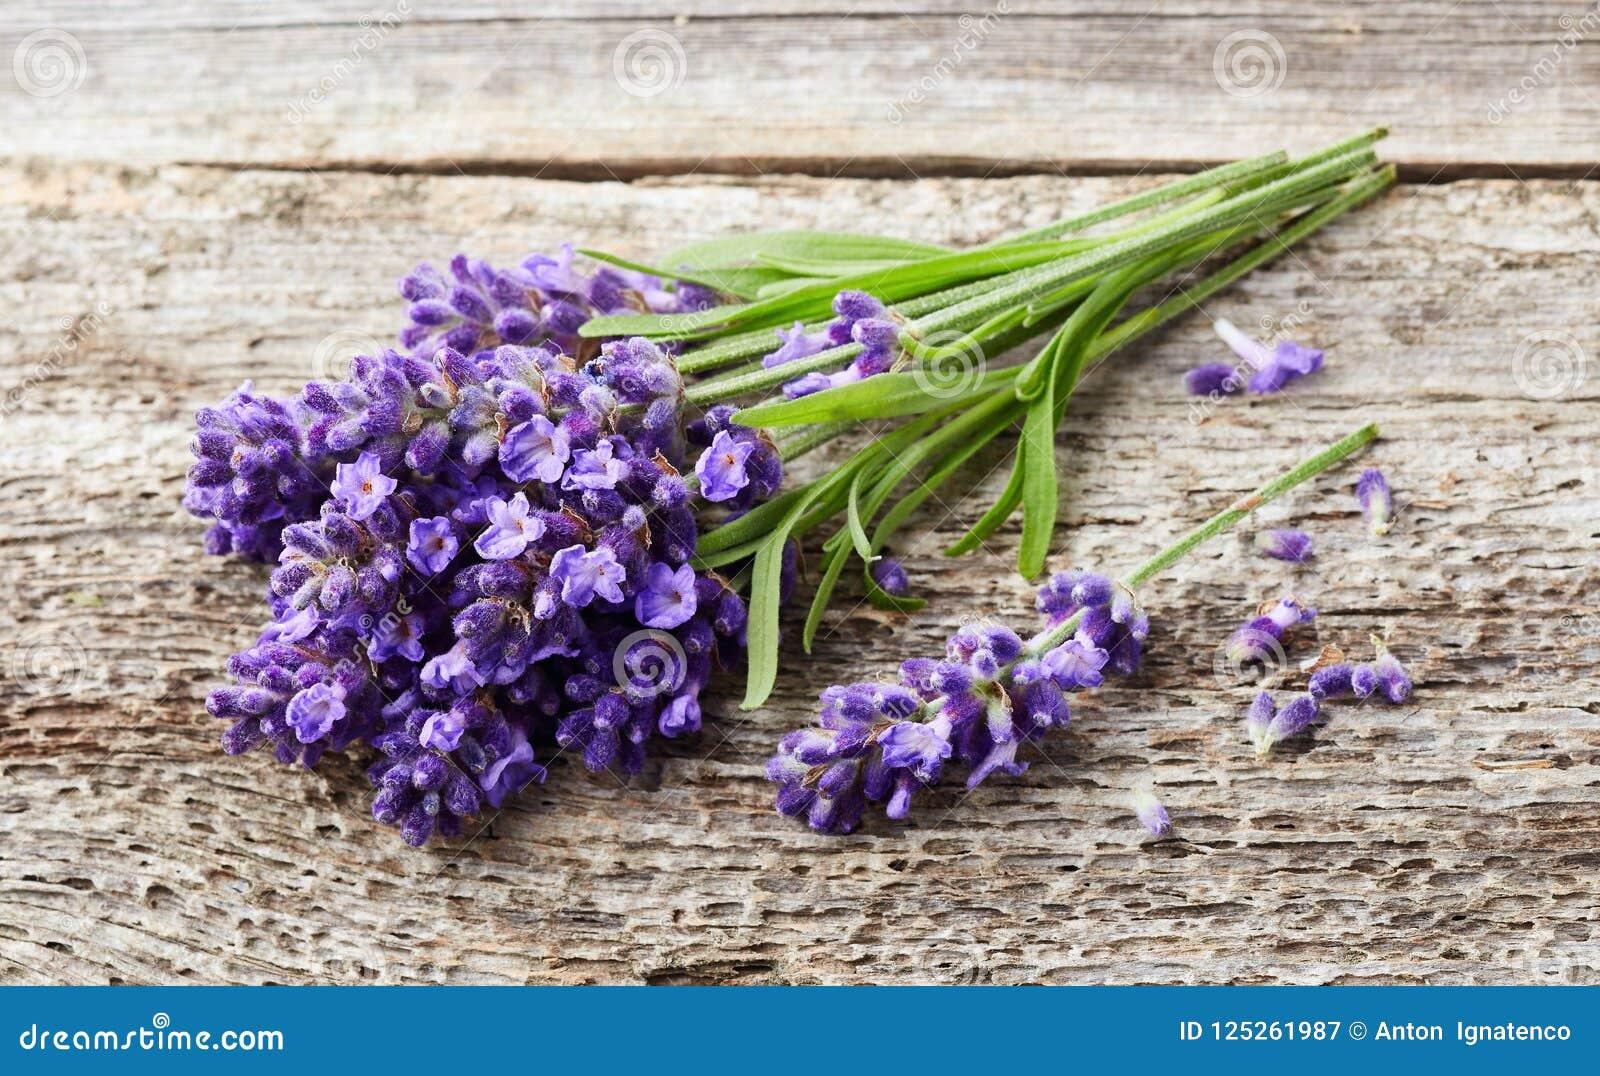 Lavendelblumen auf hölzernem Hintergrund